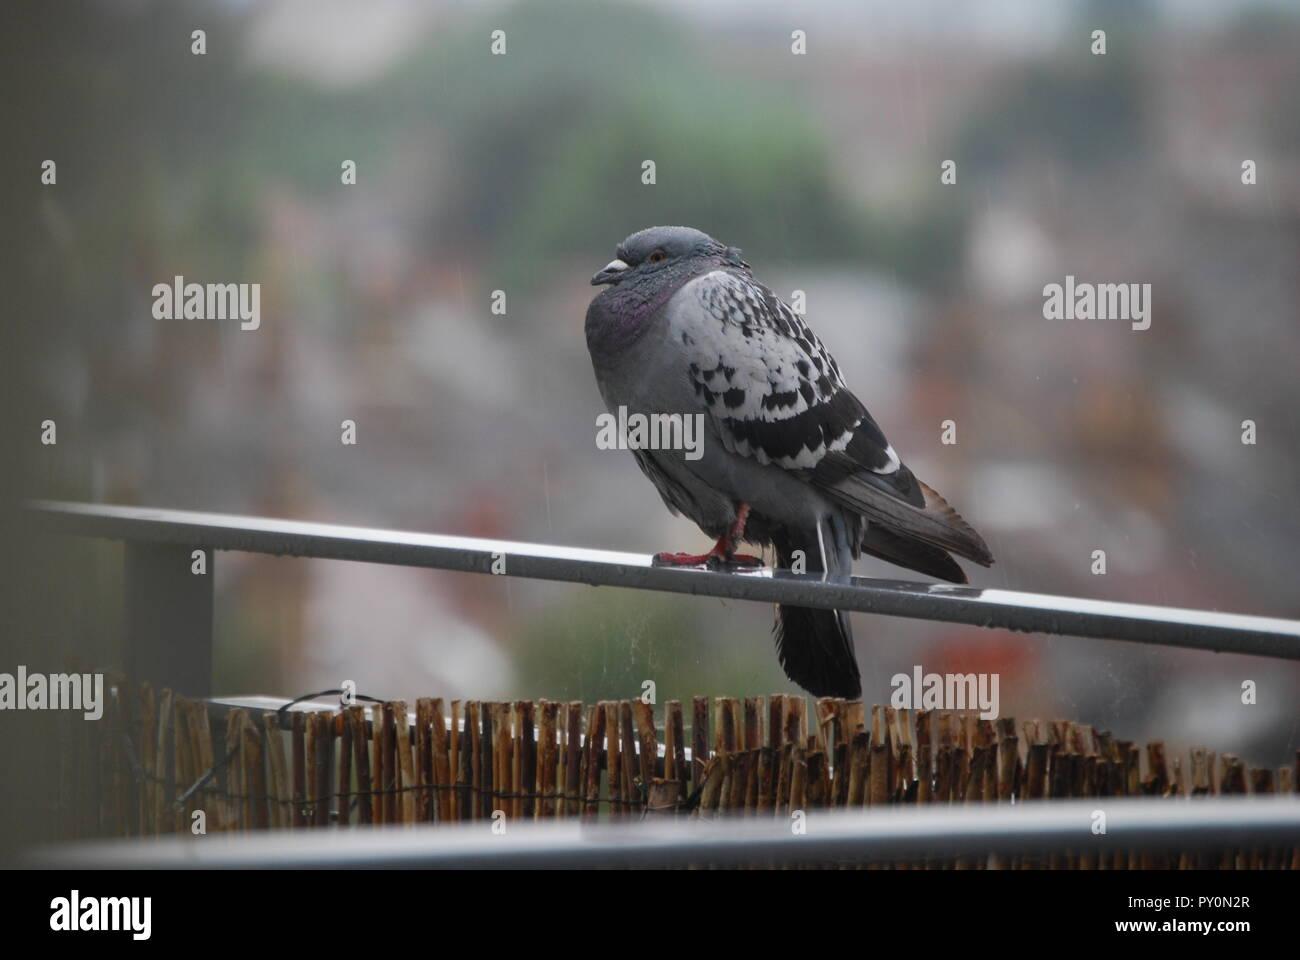 Triste piccione bagnato cercando di tenere in caldo Immagini Stock